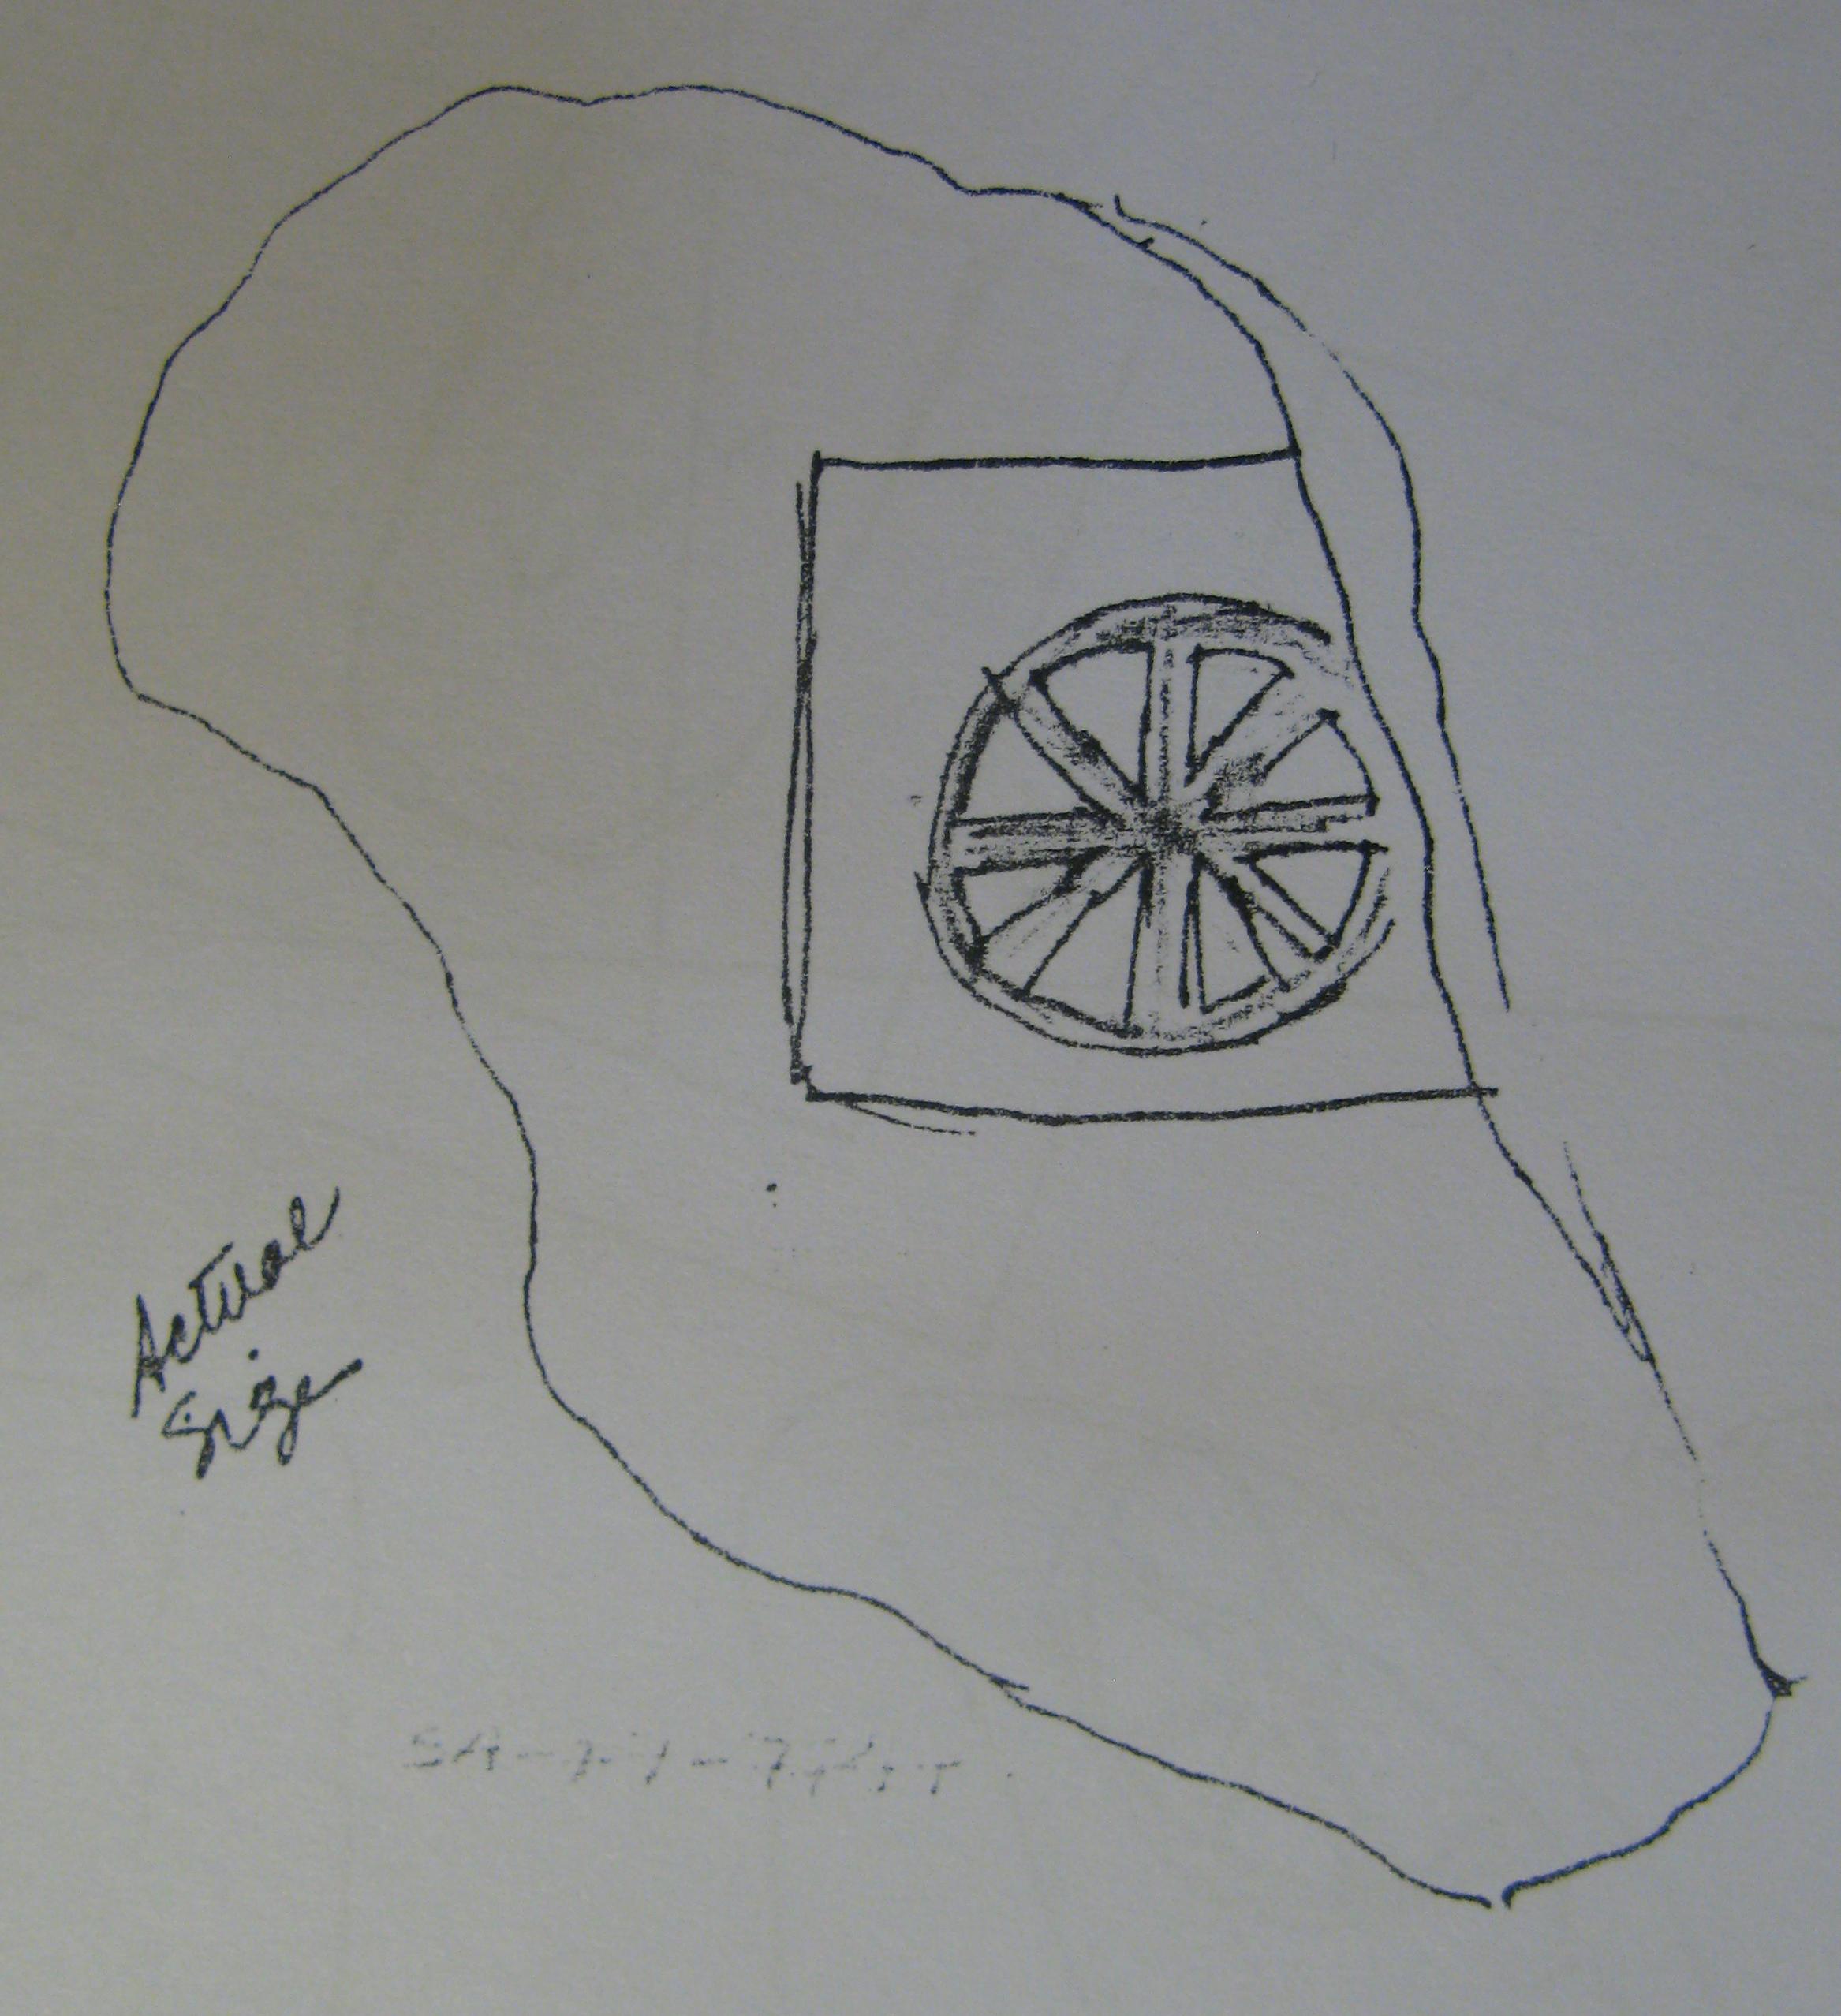 SAV_sketch-79-774T-p101